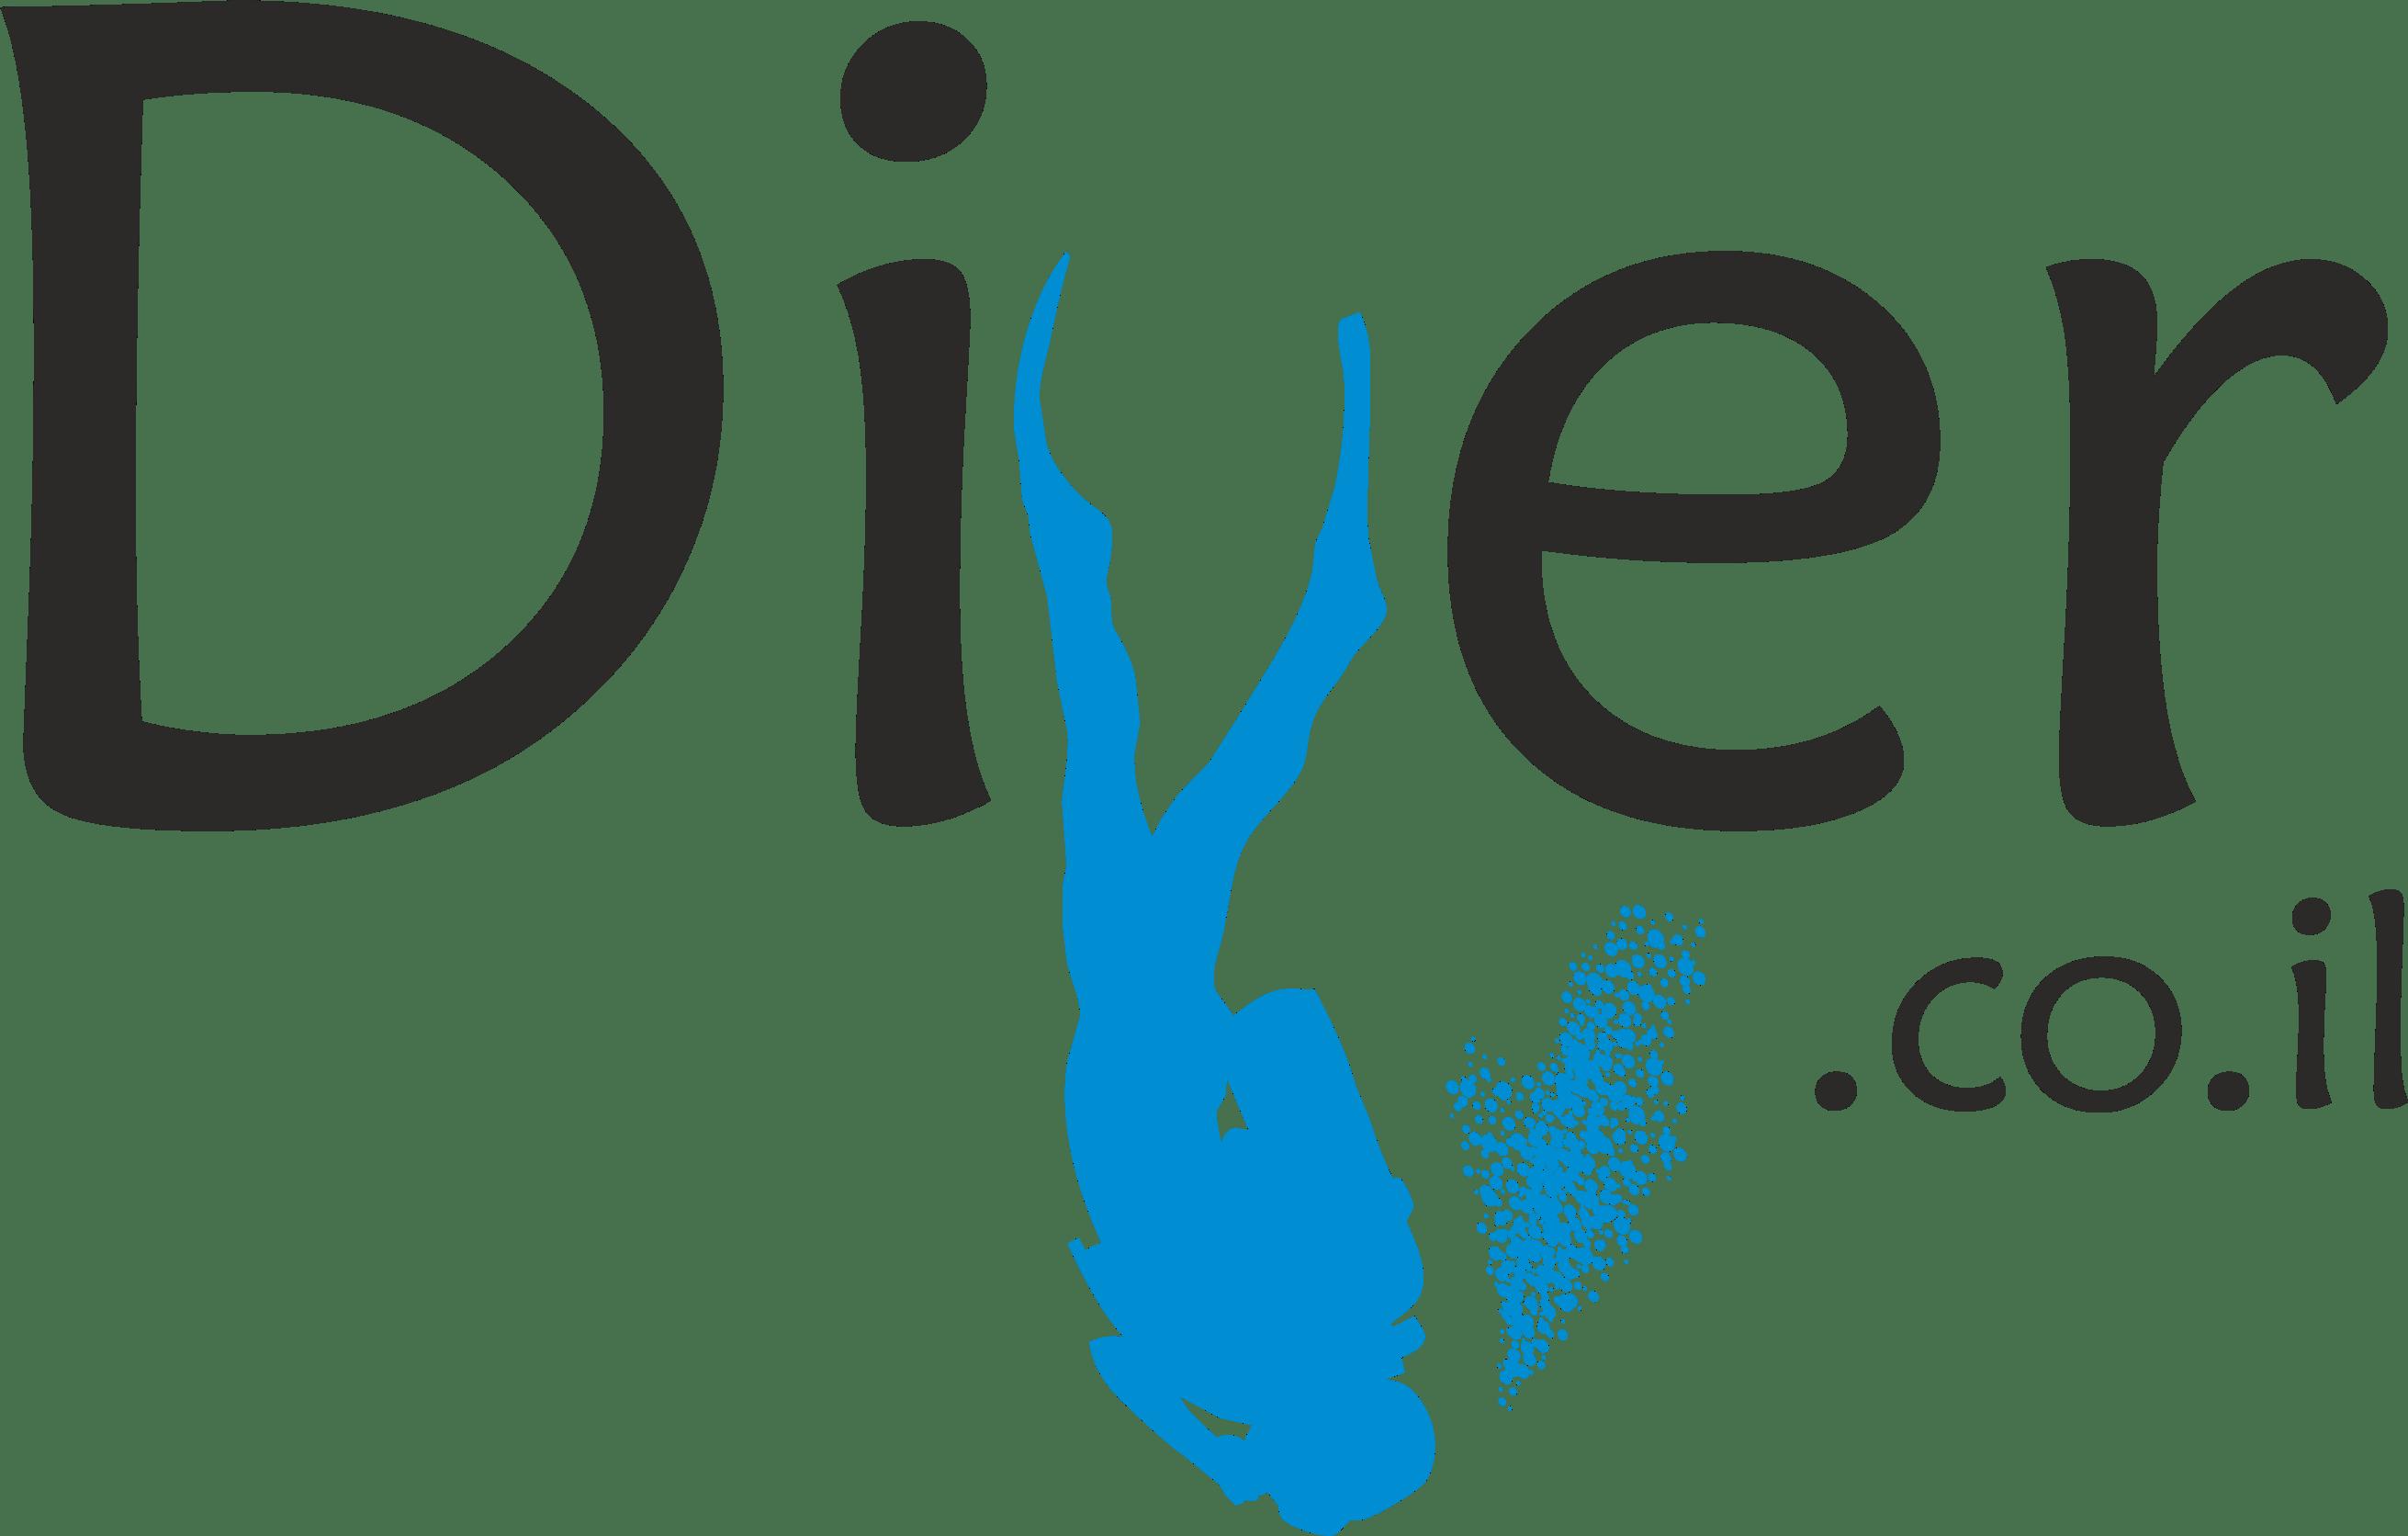 Diver.co.il (Hebrew)